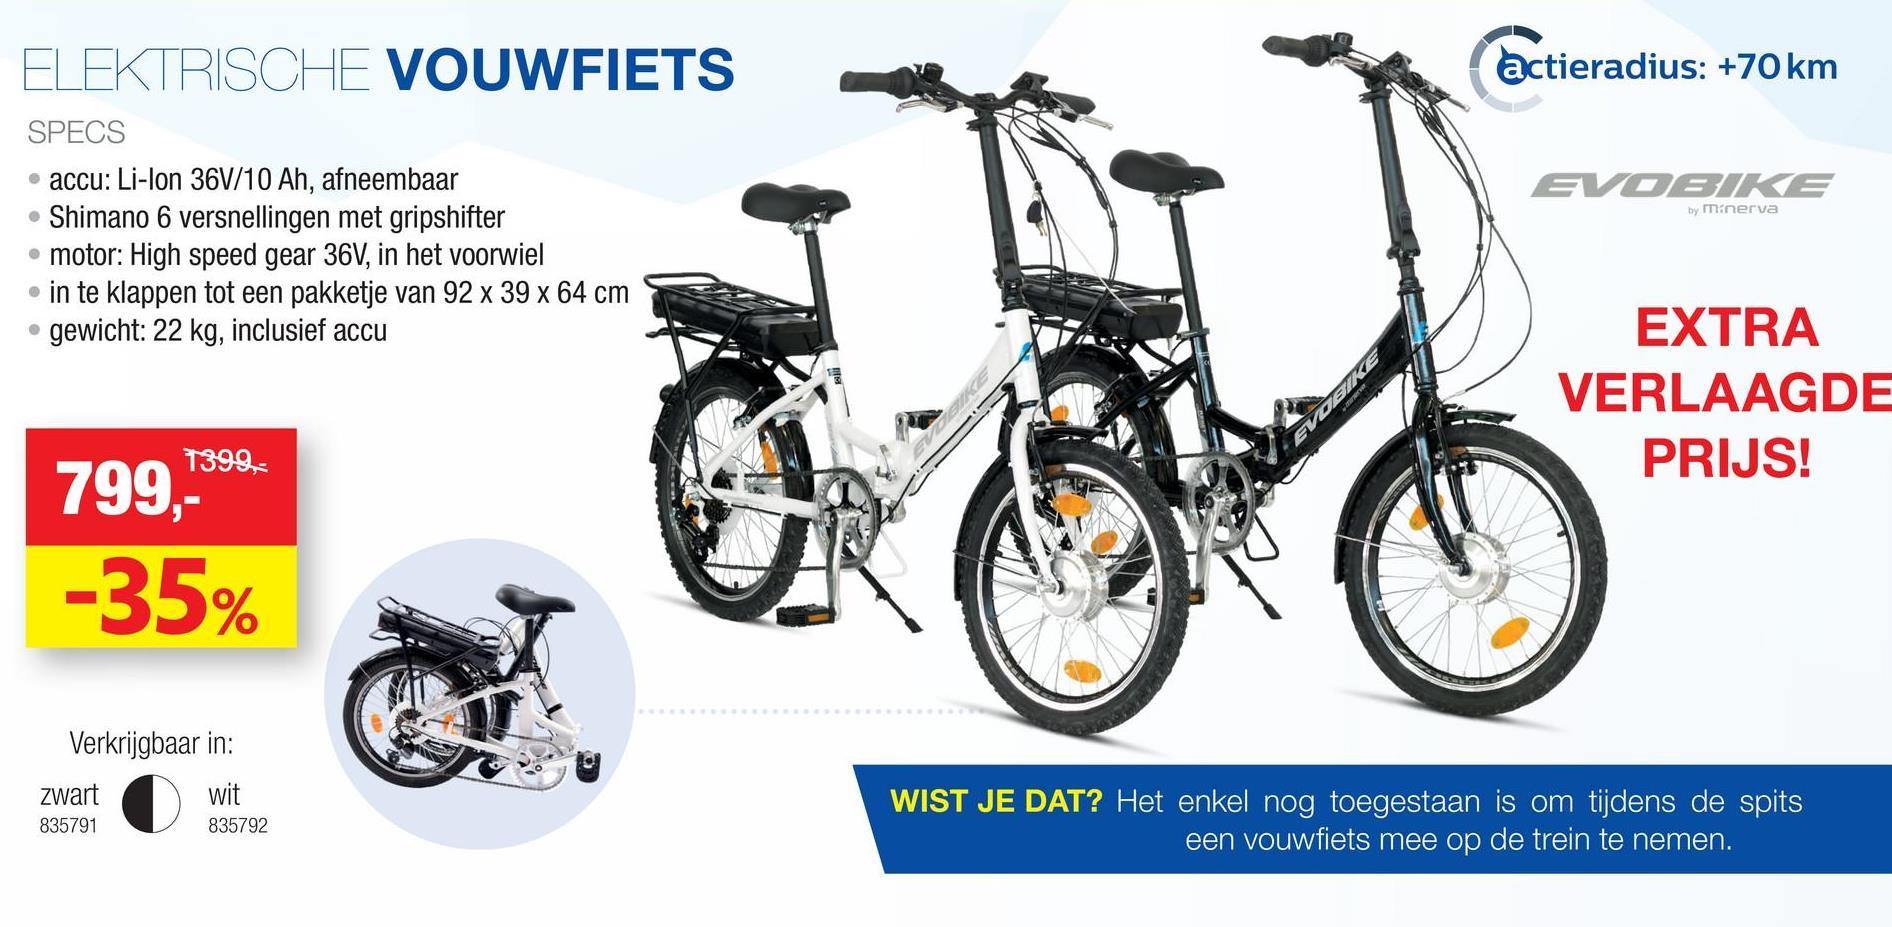 """Elektrische vouwfiets zwart Deze superhandige elektrische vouwfiets in zwart is in te klappen tot een pakketje van 92x39x64 cm. Hij weegt slechts 22kg en is  daardoor eenvoudig mee te nemen. Het inklappen duurt minder dan 10  seconden dankzij het slimme Quick Release systeem. De lange stuurstang  en zadelpen in aluminium zorgen ervoor dat de geometrie van deze  vouwfiets hetzelfde is als van een normale fiets.<ul><li>Frame: Aluminium, 7005</li><li>Remmen: Alu V brakes</li><li>Versnelling/Vitesses: Shimano 6 versnellingen met gripshifter/6 vitesses avec levier de changement de vitesse, Shimano</li><li>Motor: High speed gear 36V weggewerkt in het voorwiel</li><li>Accu: Li-Ion 36V/10Ah, afneembaar</li><li>Ondersteuning: Traploos d.m.v. draaiknop in display op het stuur</li><li>Stuur met pen: Aluminium, inklapbaar</li><li>Wielmaat: 20""""</li><li>Velgen: Aluminium, zwart, 20""""</li><li>Pedalen: Opklapbaar</li><li>Spatborden: Kunststof zwart</li><li>Zadelpen: Extra lang</li><li>Gewicht: 22kg inclusief accu</li><li>Actieradius accu: +80km</li></ul>"""